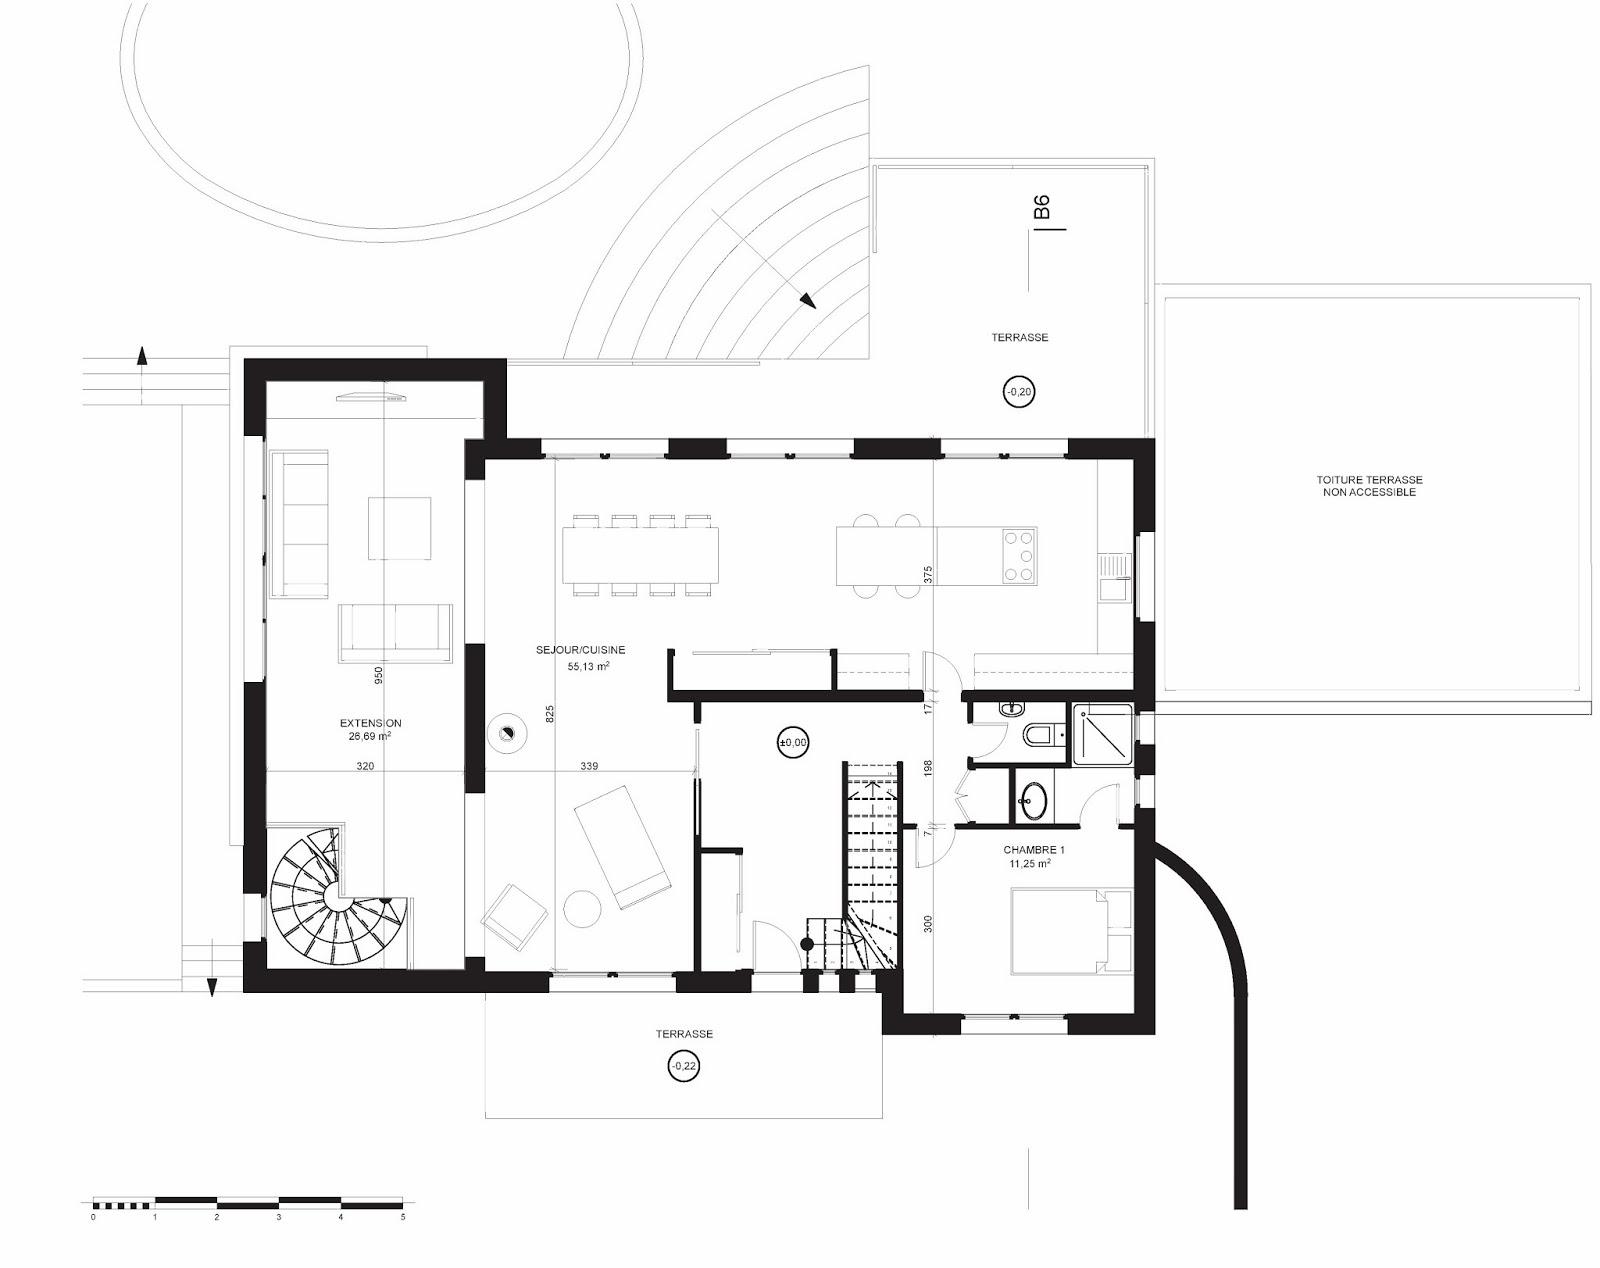 plan de masse maison individuelle